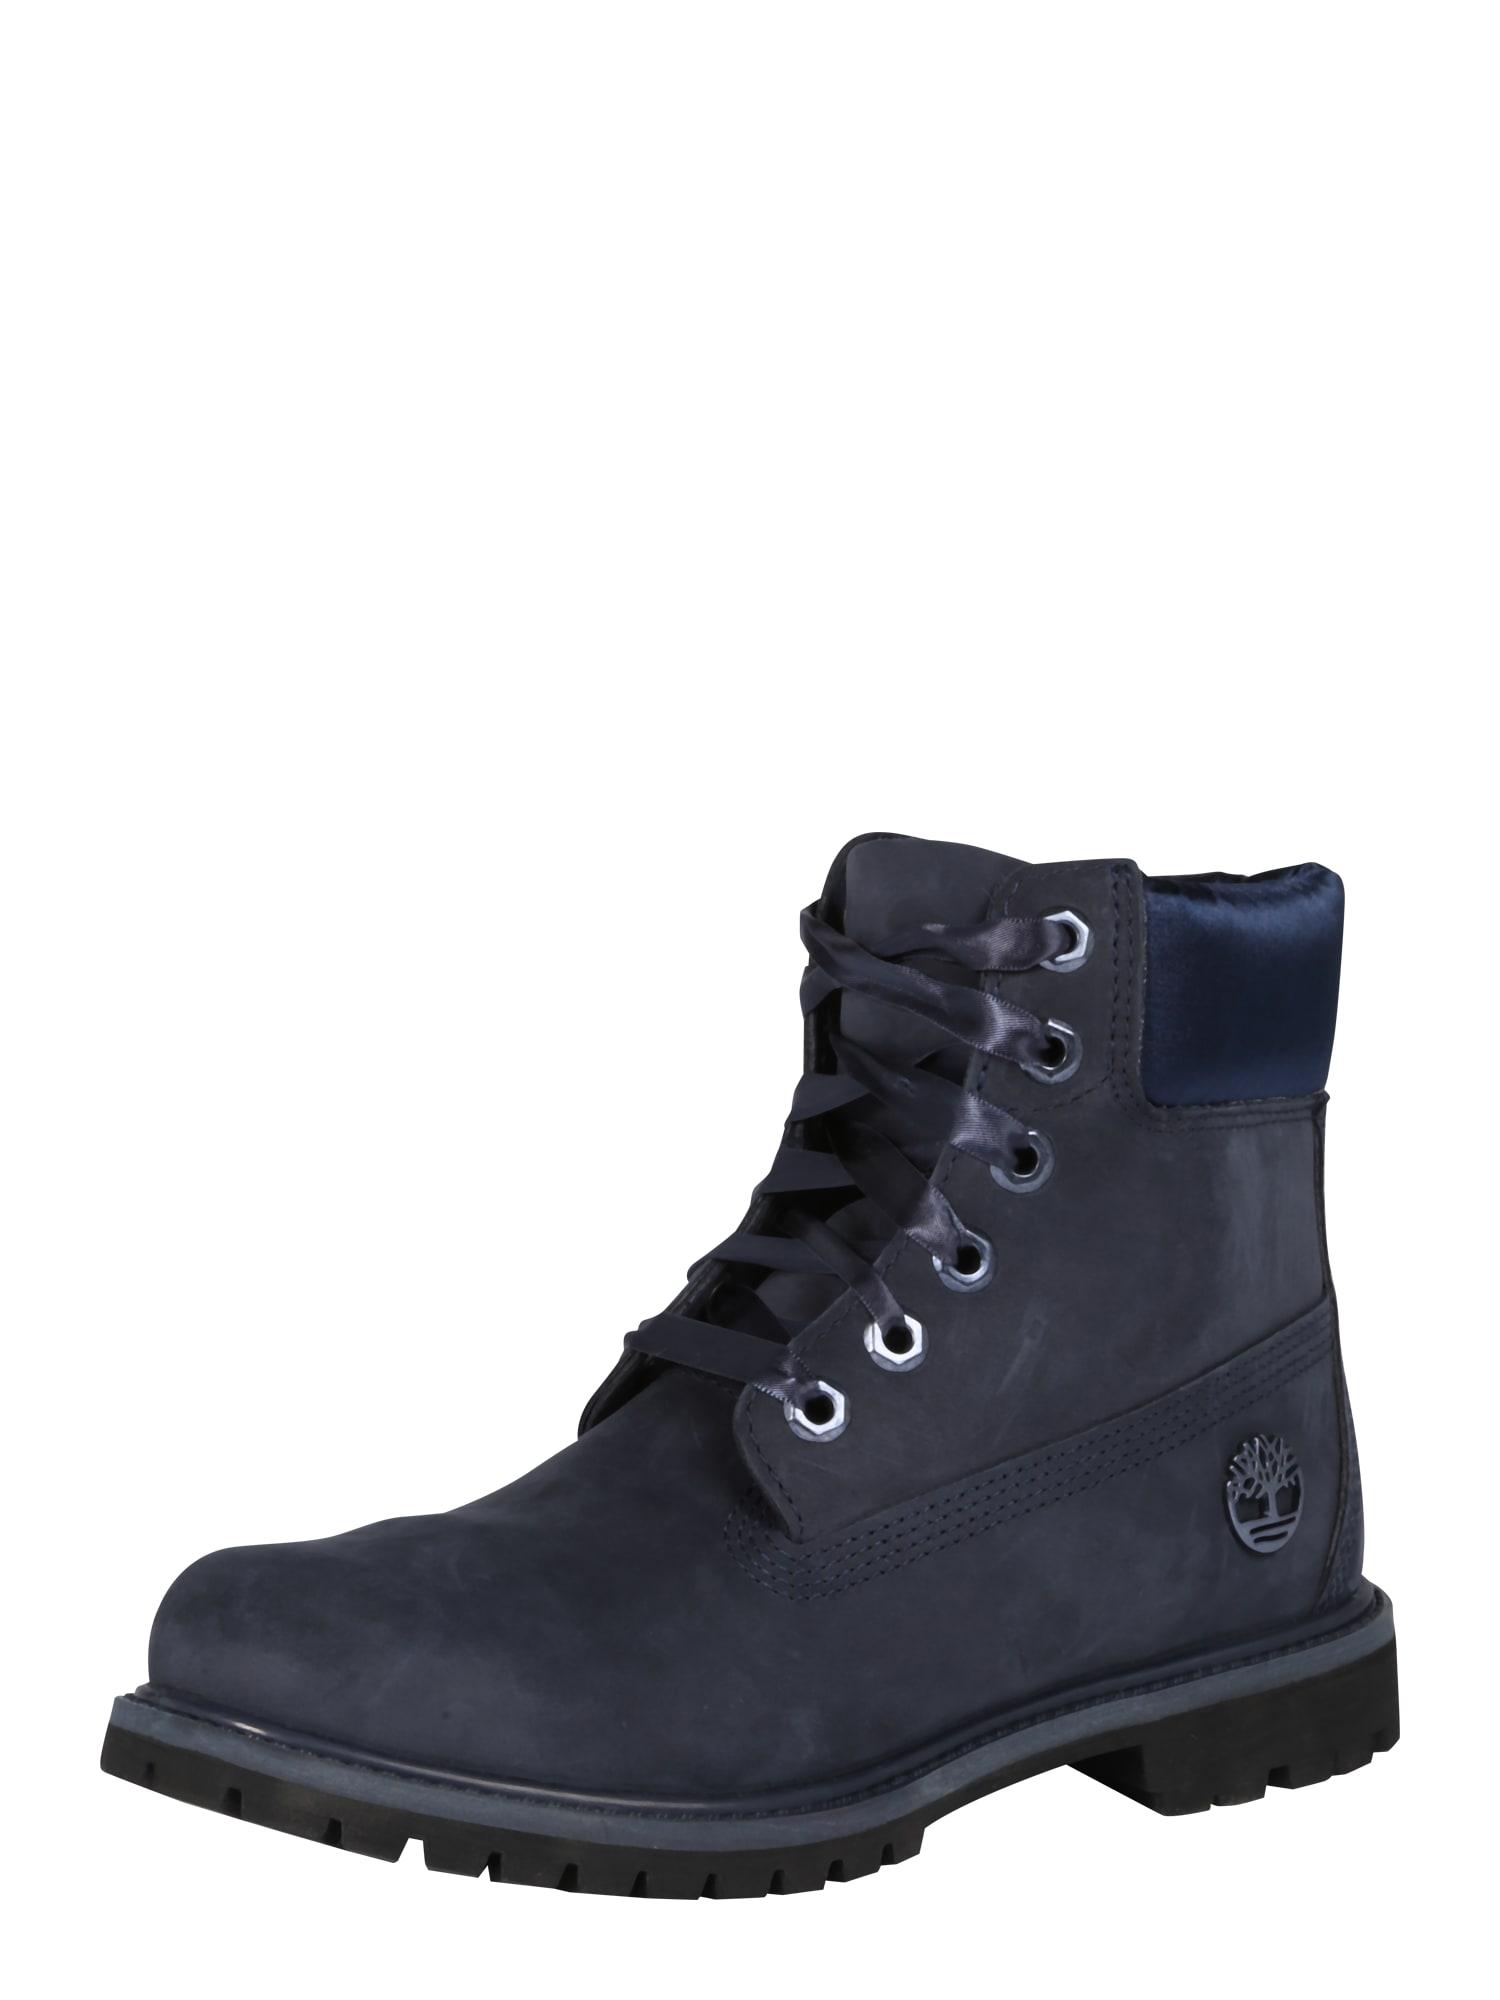 Šněrovací boty Premium námořnická modř TIMBERLAND